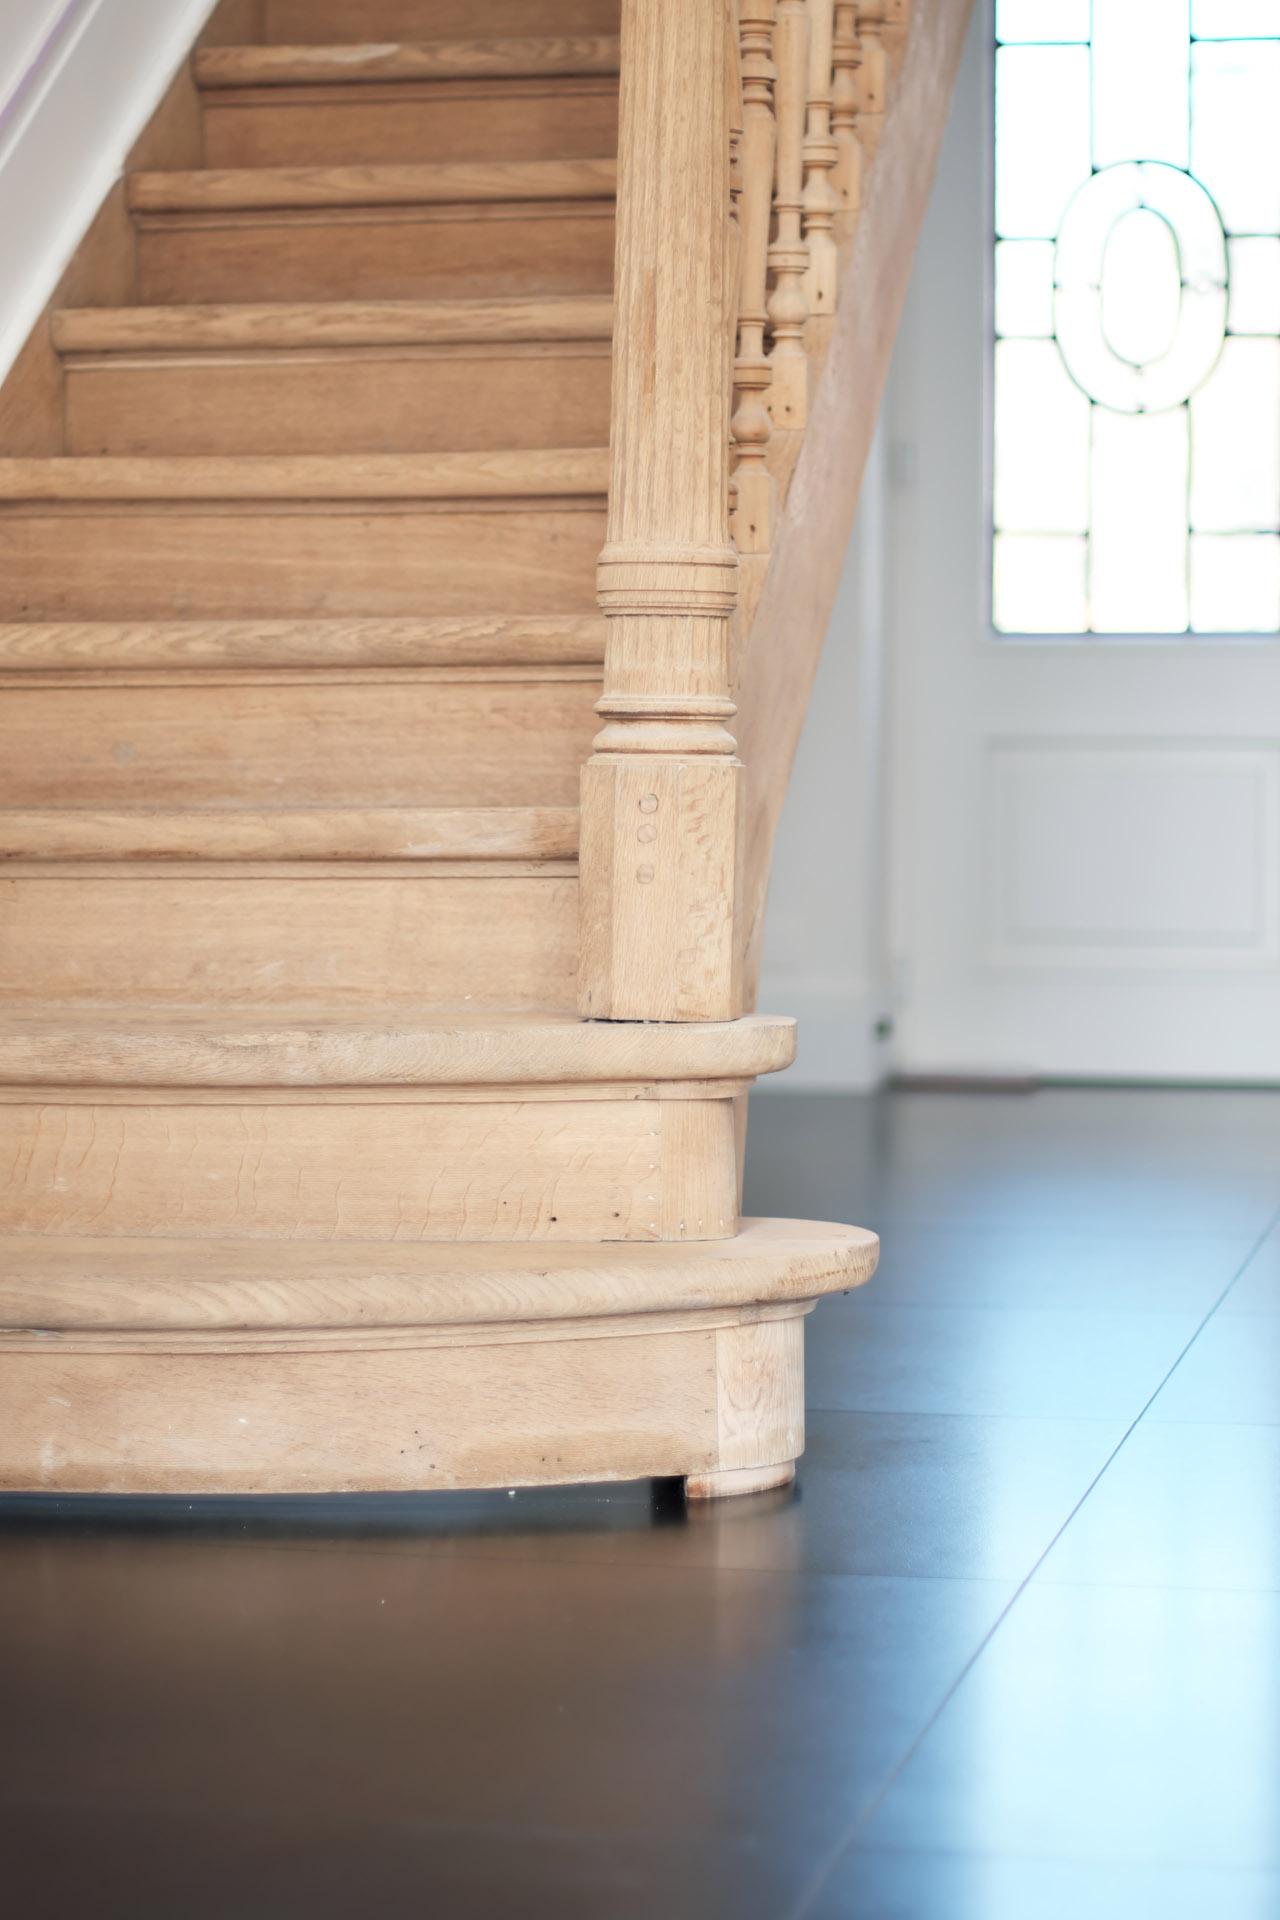 Individuelle Fußböden für den gehobenen Innenausbau auf Maß - Steinarbeiten für den Luxusbau